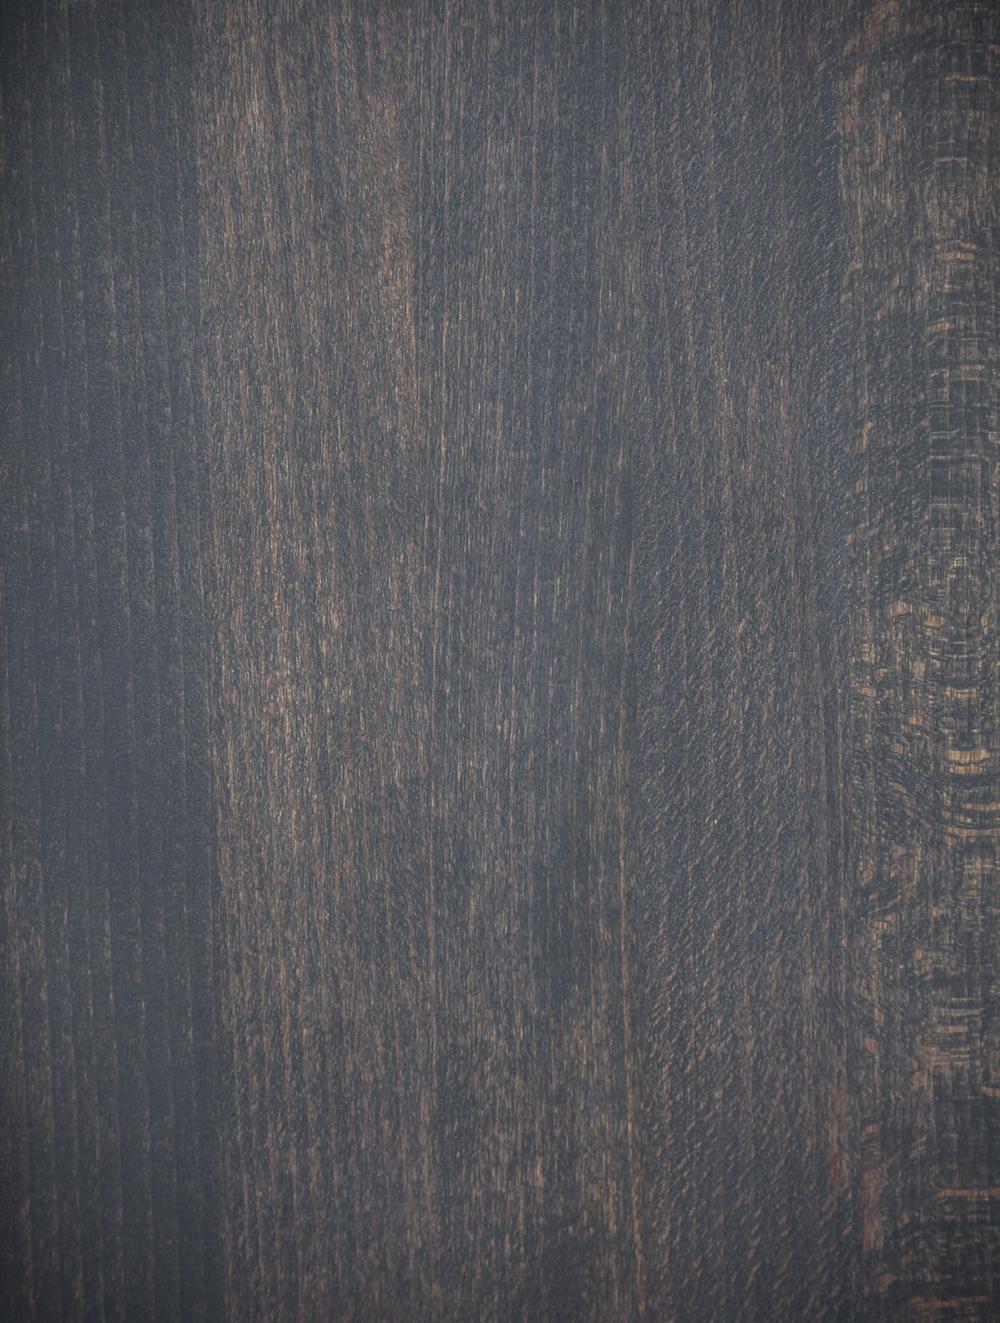 Full Size of Singleküche Ohne Herd Singlekche Aktions Set Modulkchen Bloc Modulkche Online Kaufen Bett Füße Mit E Geräten Küche Geräte Bad Renovieren Fliesen 140x200 Wohnzimmer Singleküche Ohne Herd